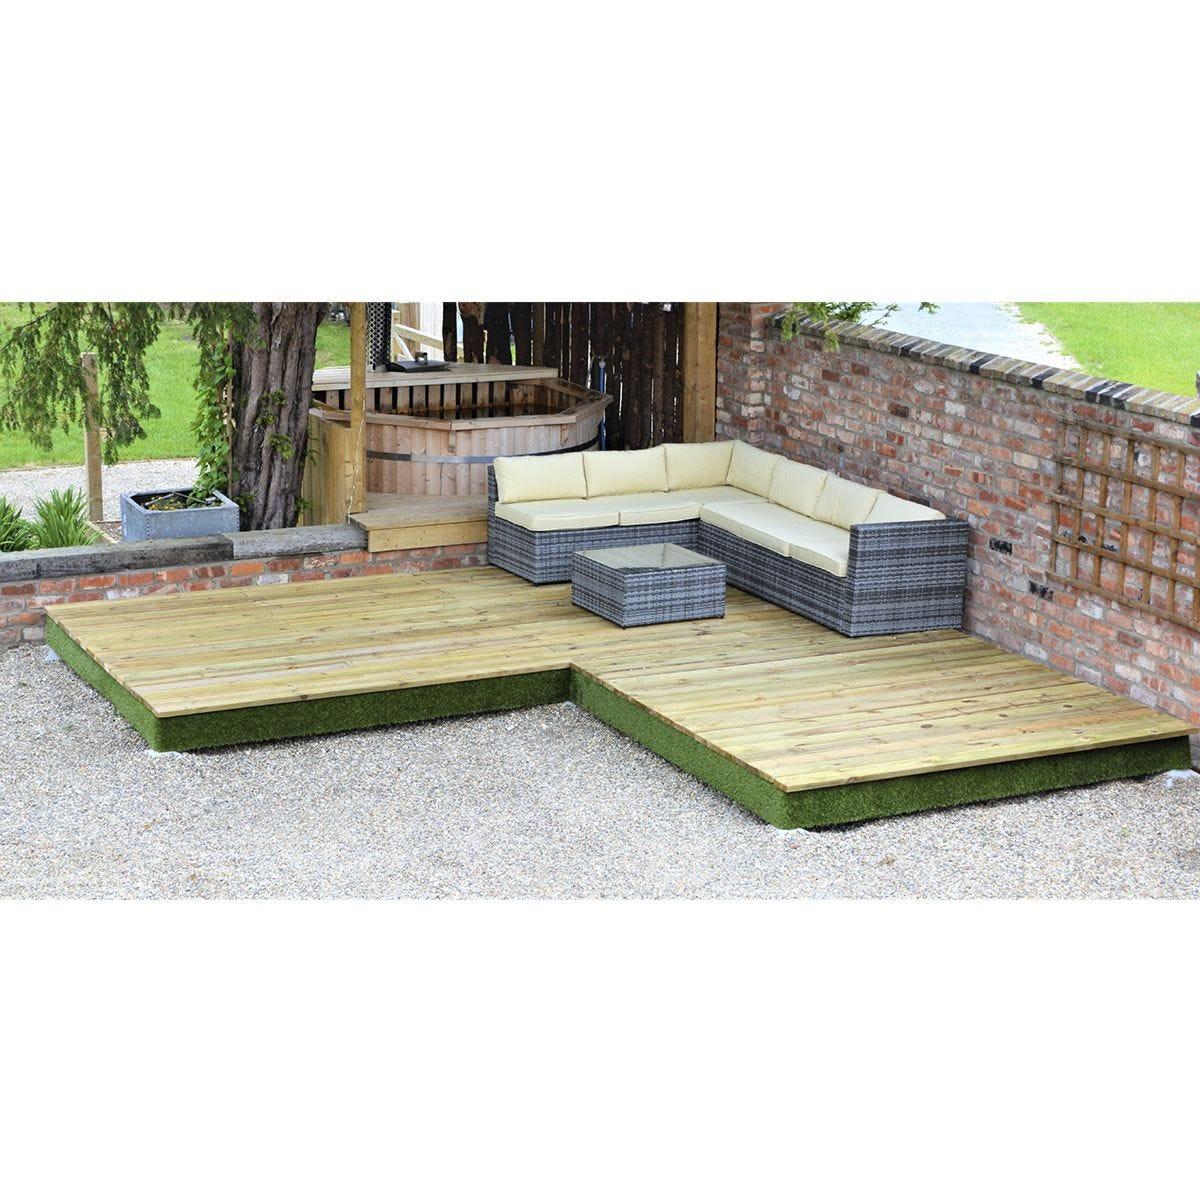 Swift Foundations Garden Decking - 4.7 x 4.7m Corner